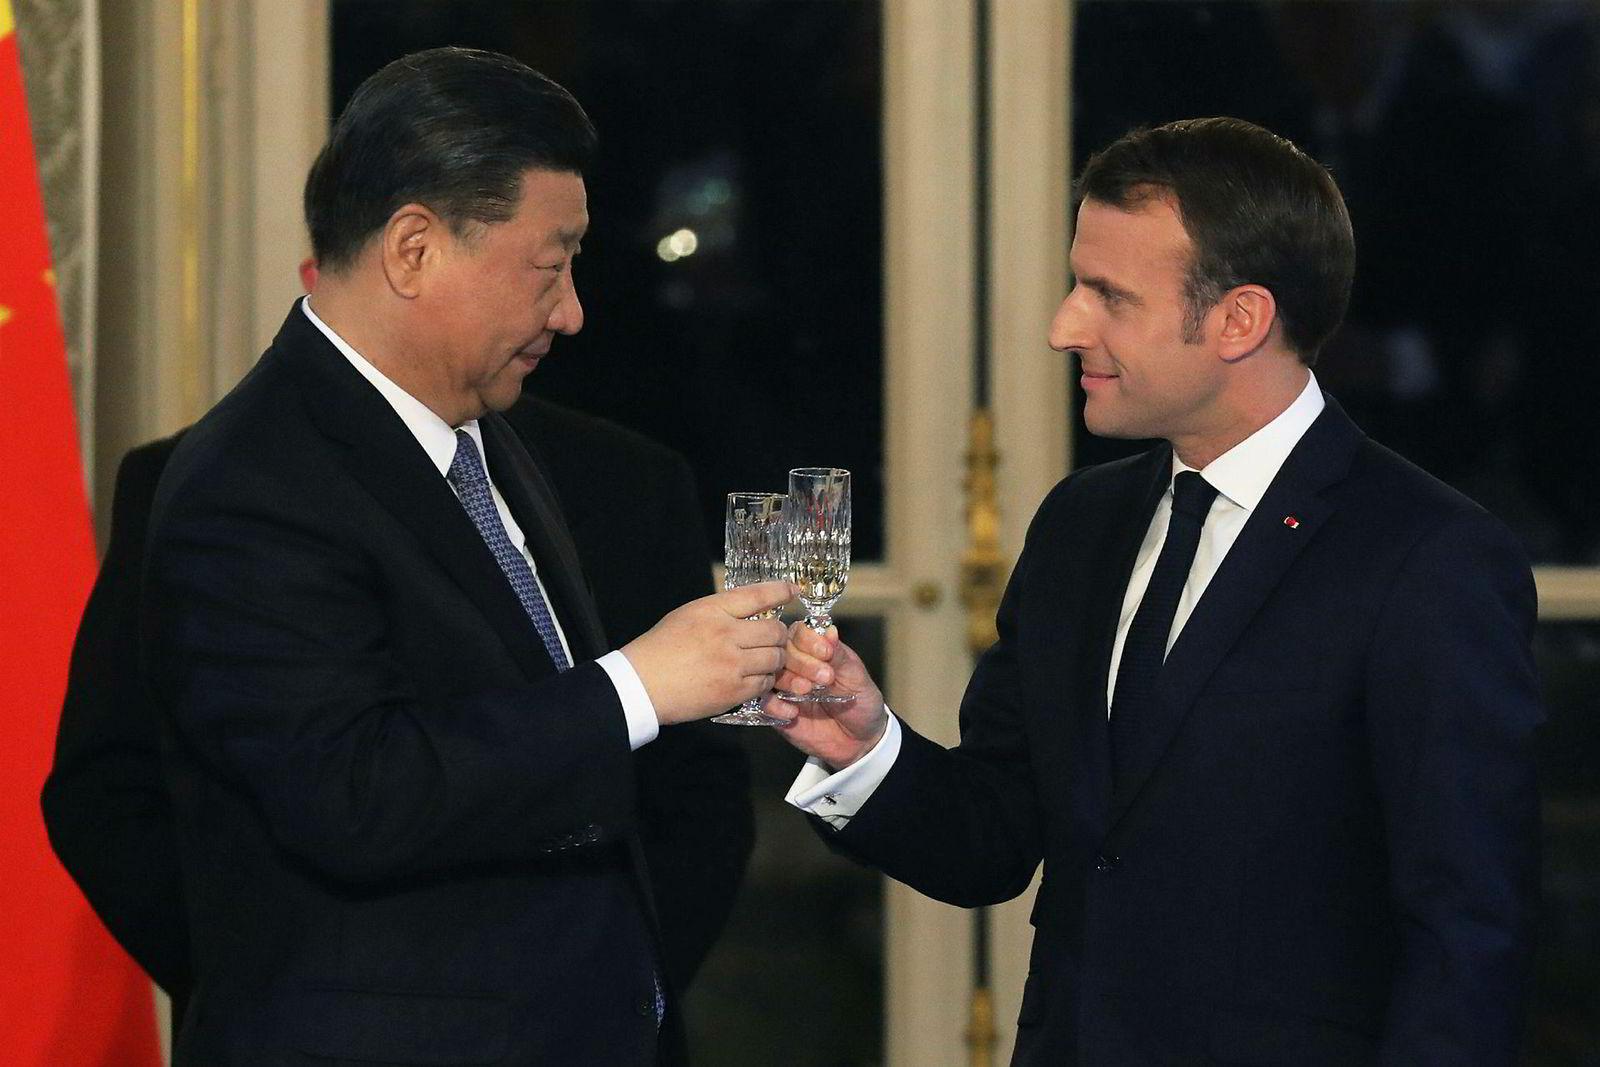 Kinas president er på en sjarmoffensiv i Europa mens handelsforhandlingene med USA fortsetter. KInesiske selskaper har inngått avtaler verdt flere hundre milliarder kroner i Italia og Frankrike, blant annet kjøp av 300 Airbus-fly. Boeing har plassert over 300 737 Max-fly på bakken etter to dødsulykker.